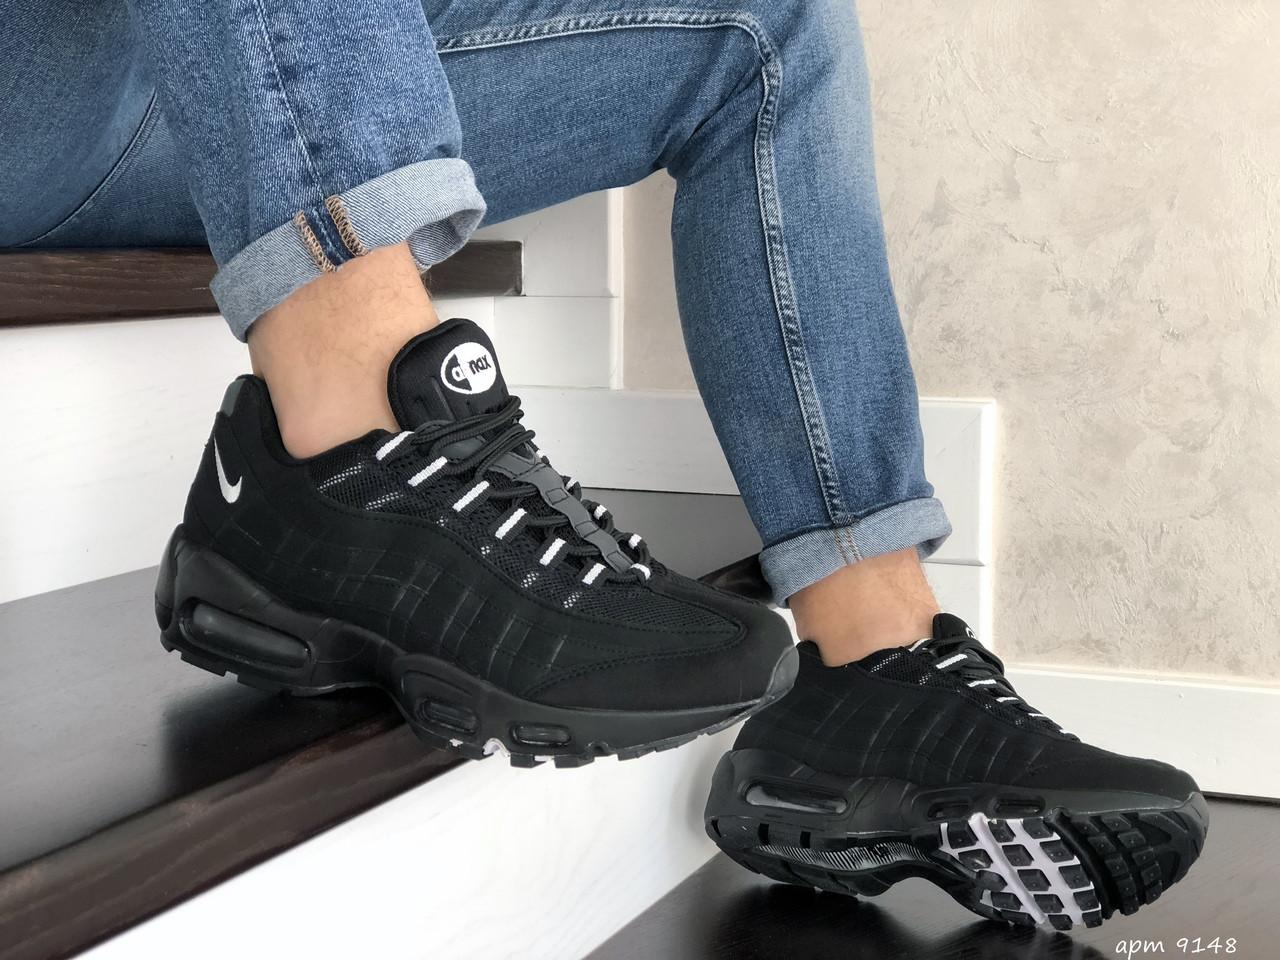 Чоловічі кросівки Nike 95 (чорно-білі) 9148